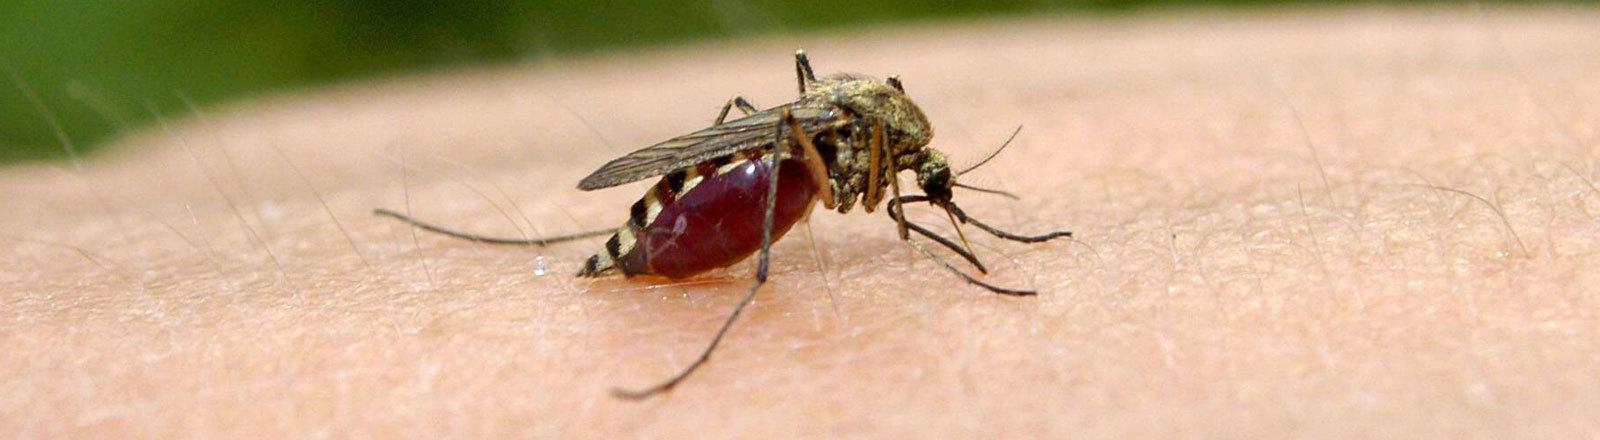 Stechmücke auf einem Arm saugt Blut.